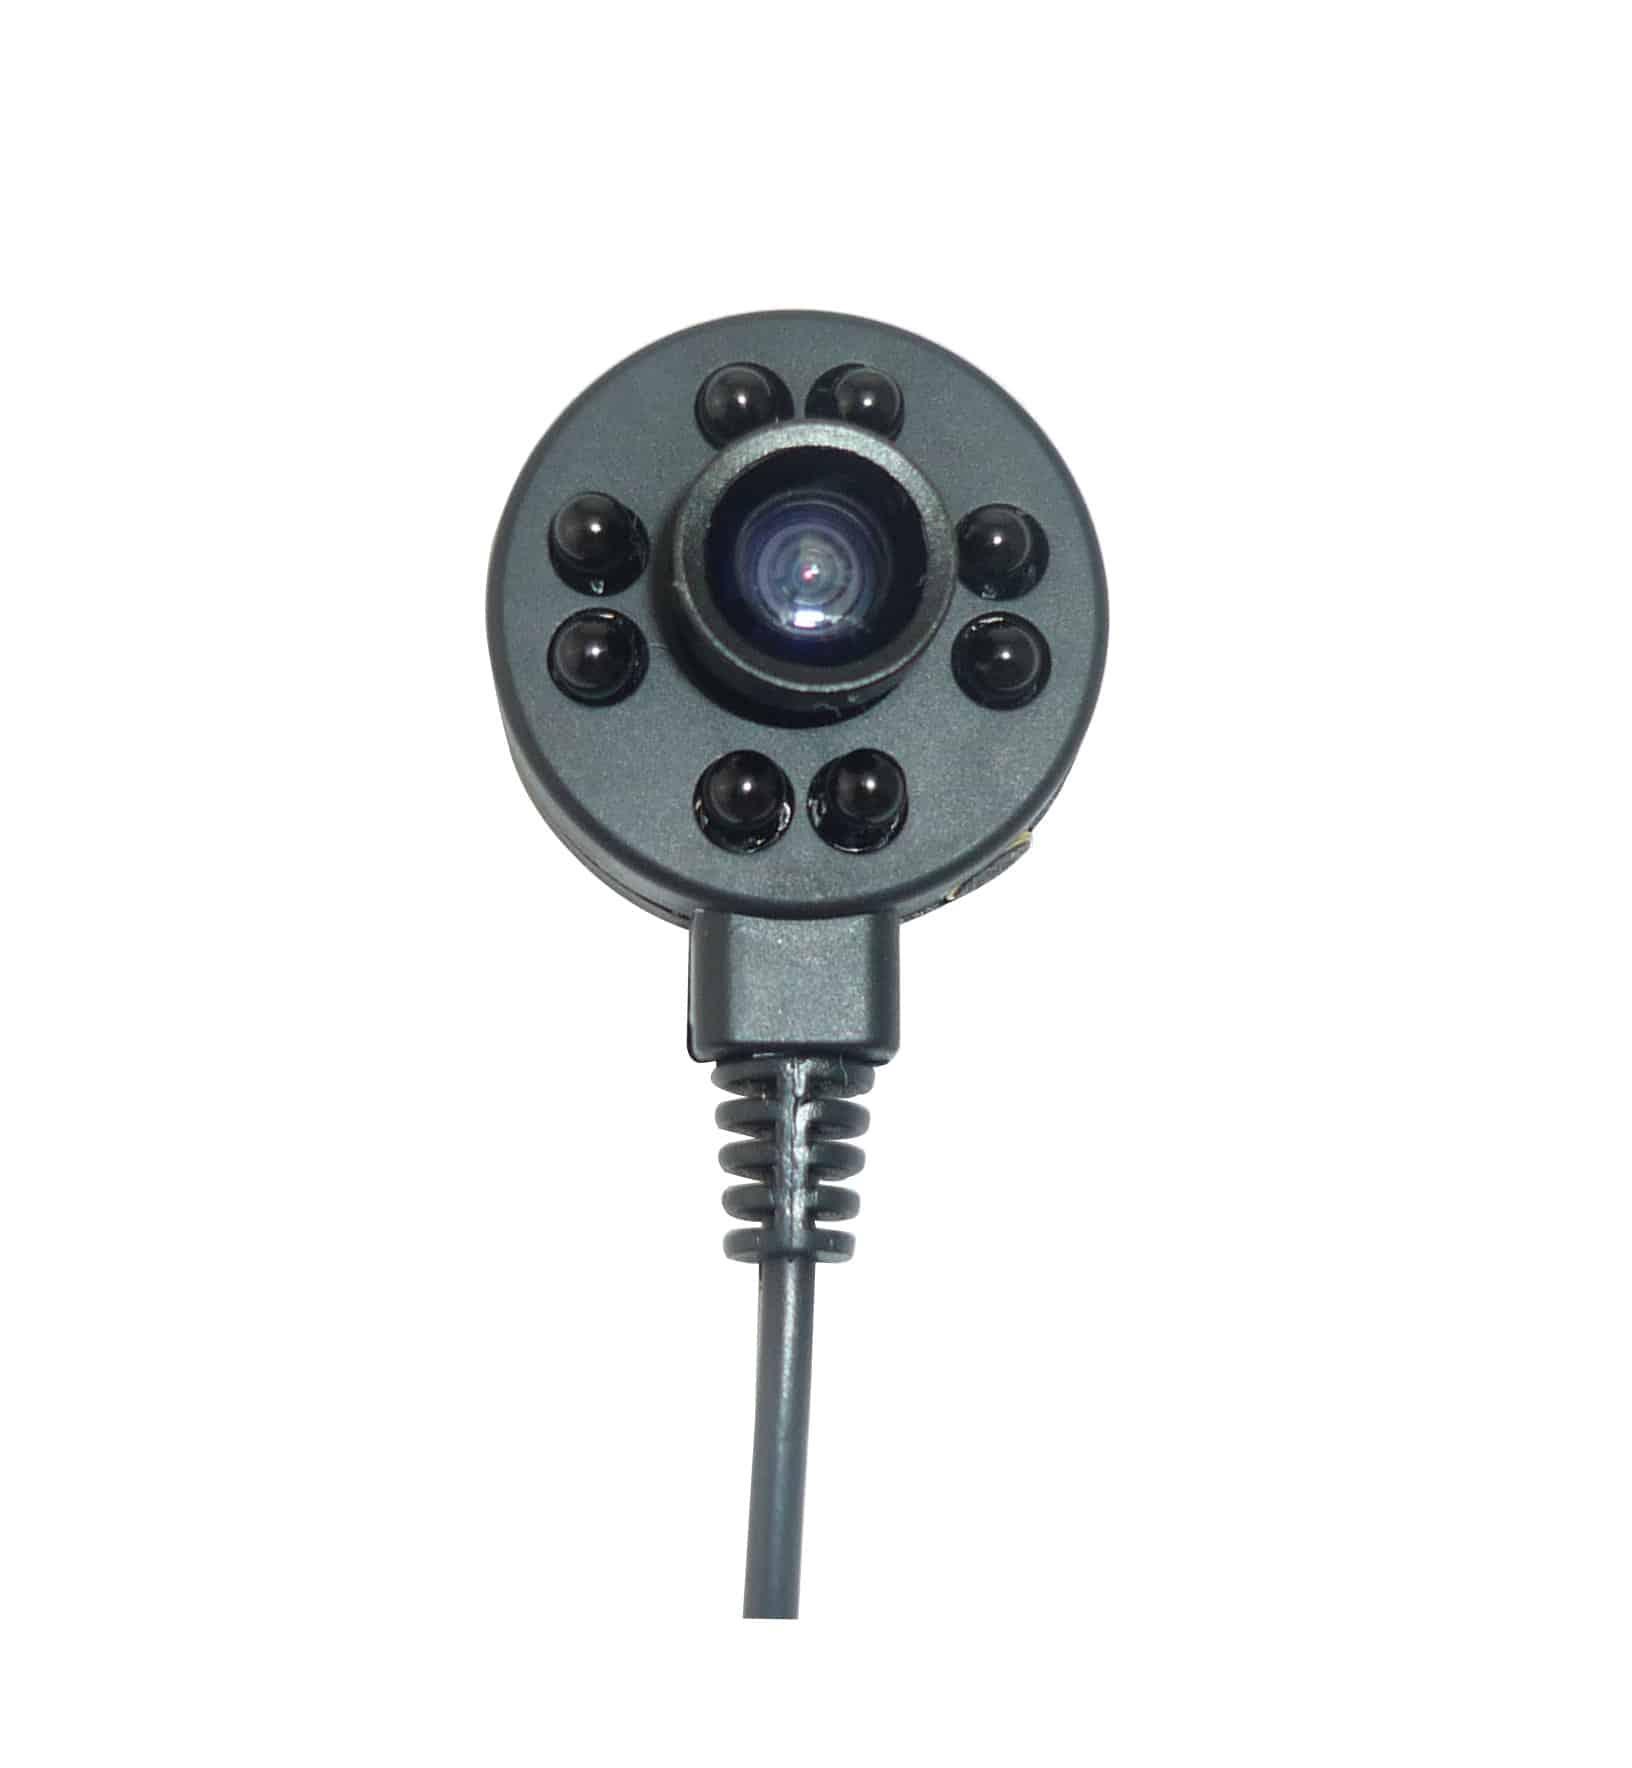 MINI CÁMARA 600TVL 960P RCA CCTV CON VISIÓN NOCTURNA